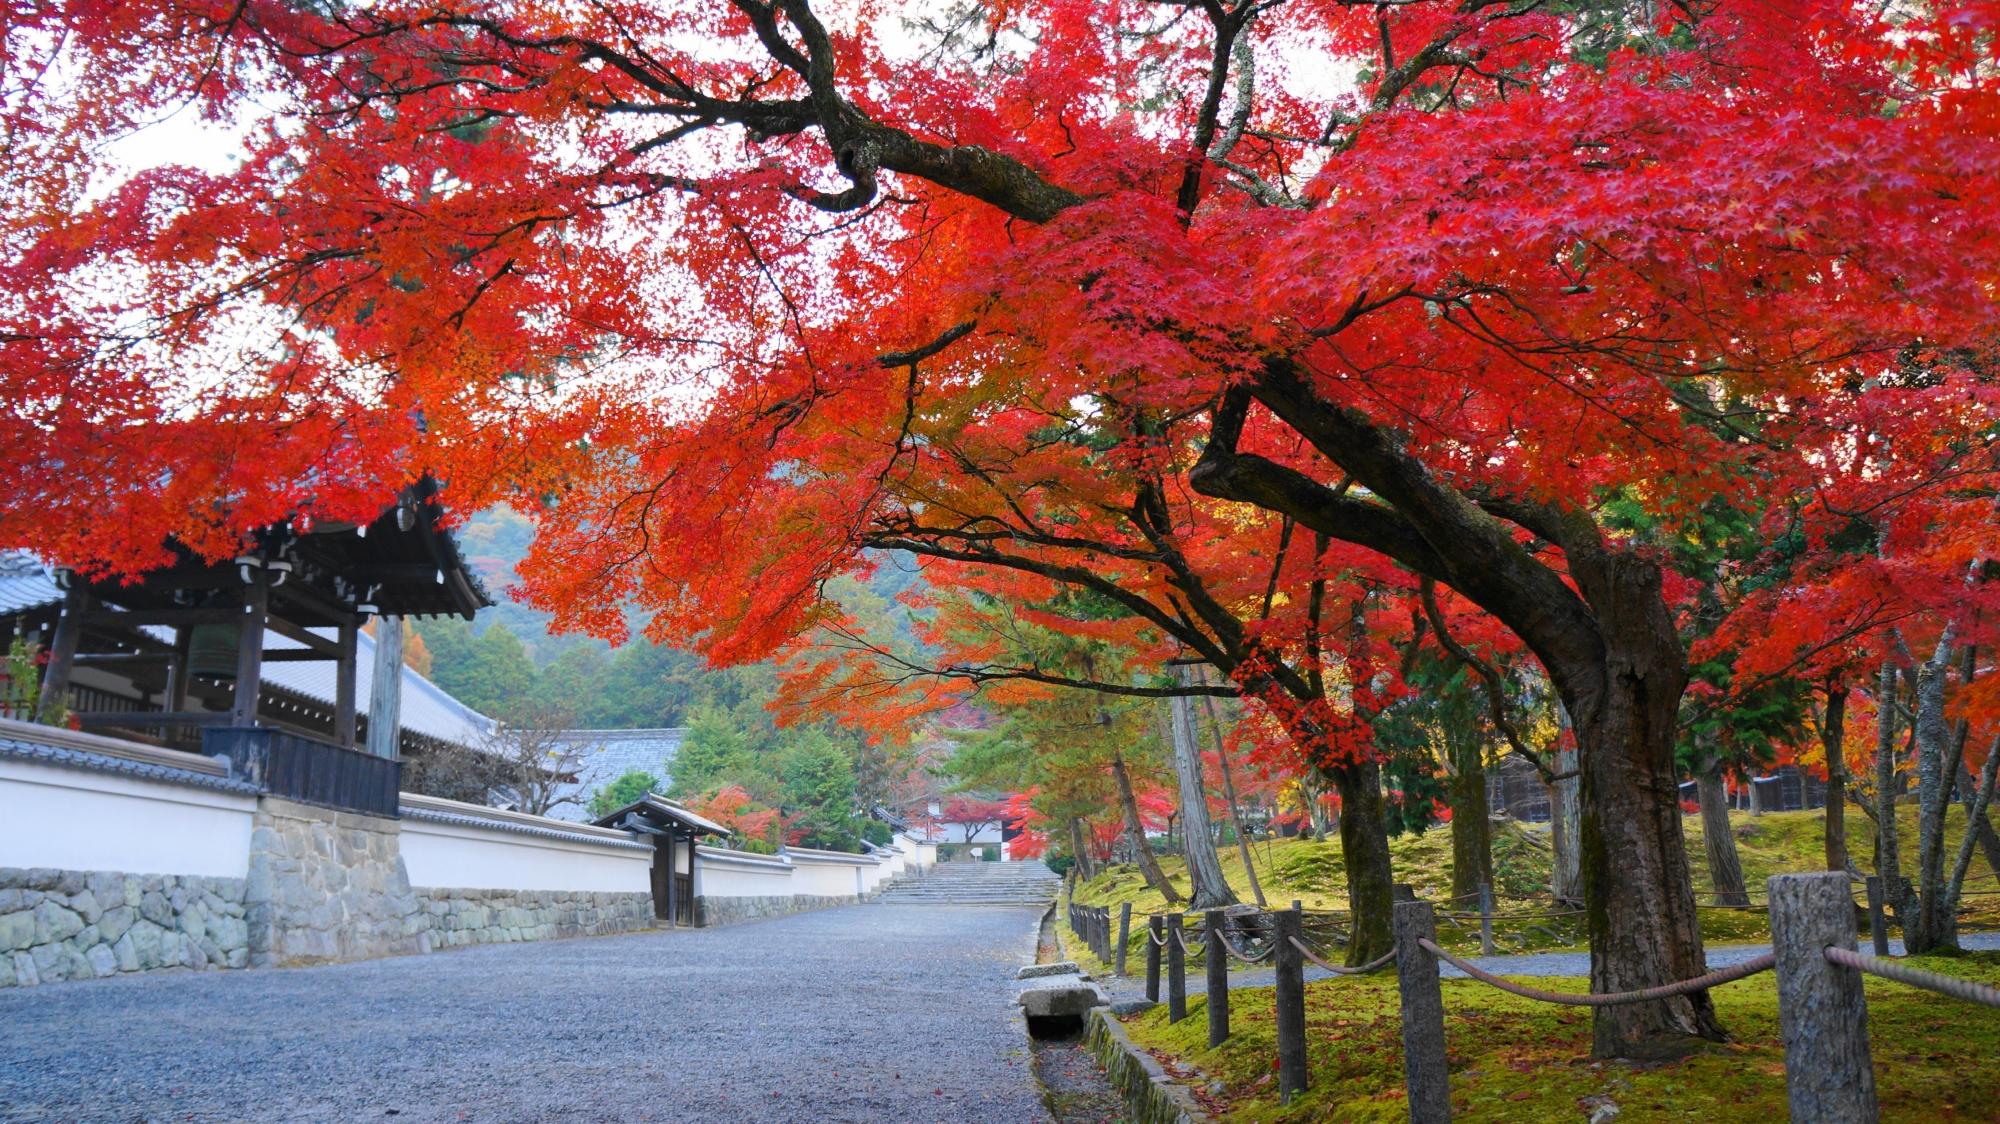 南禅寺の南禅僧堂前の紅葉